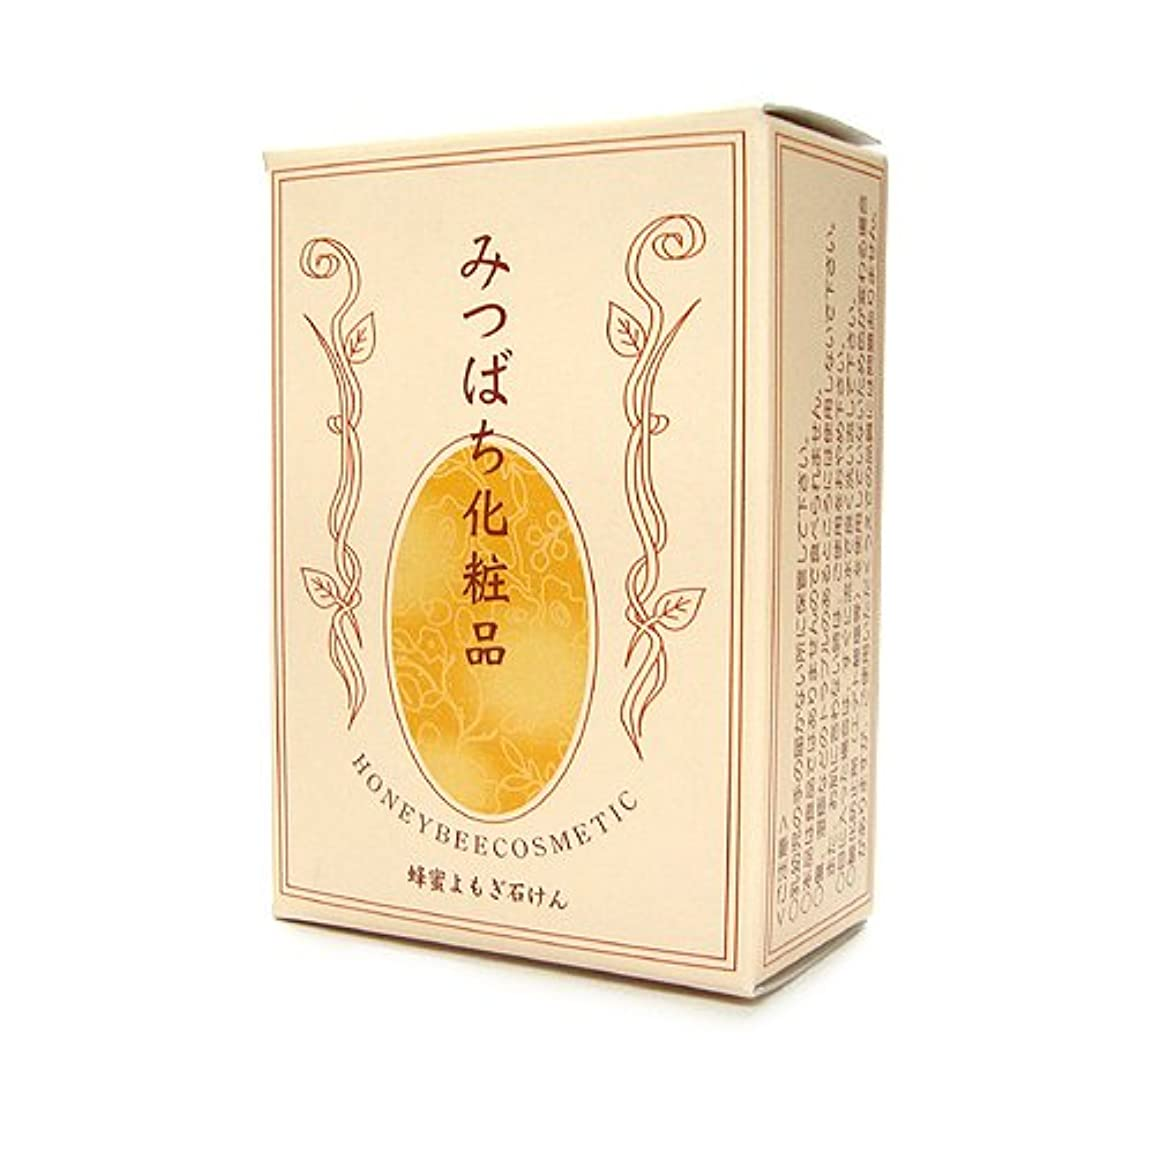 激しい閃光タオル蜂蜜よもぎ石鹸 100g